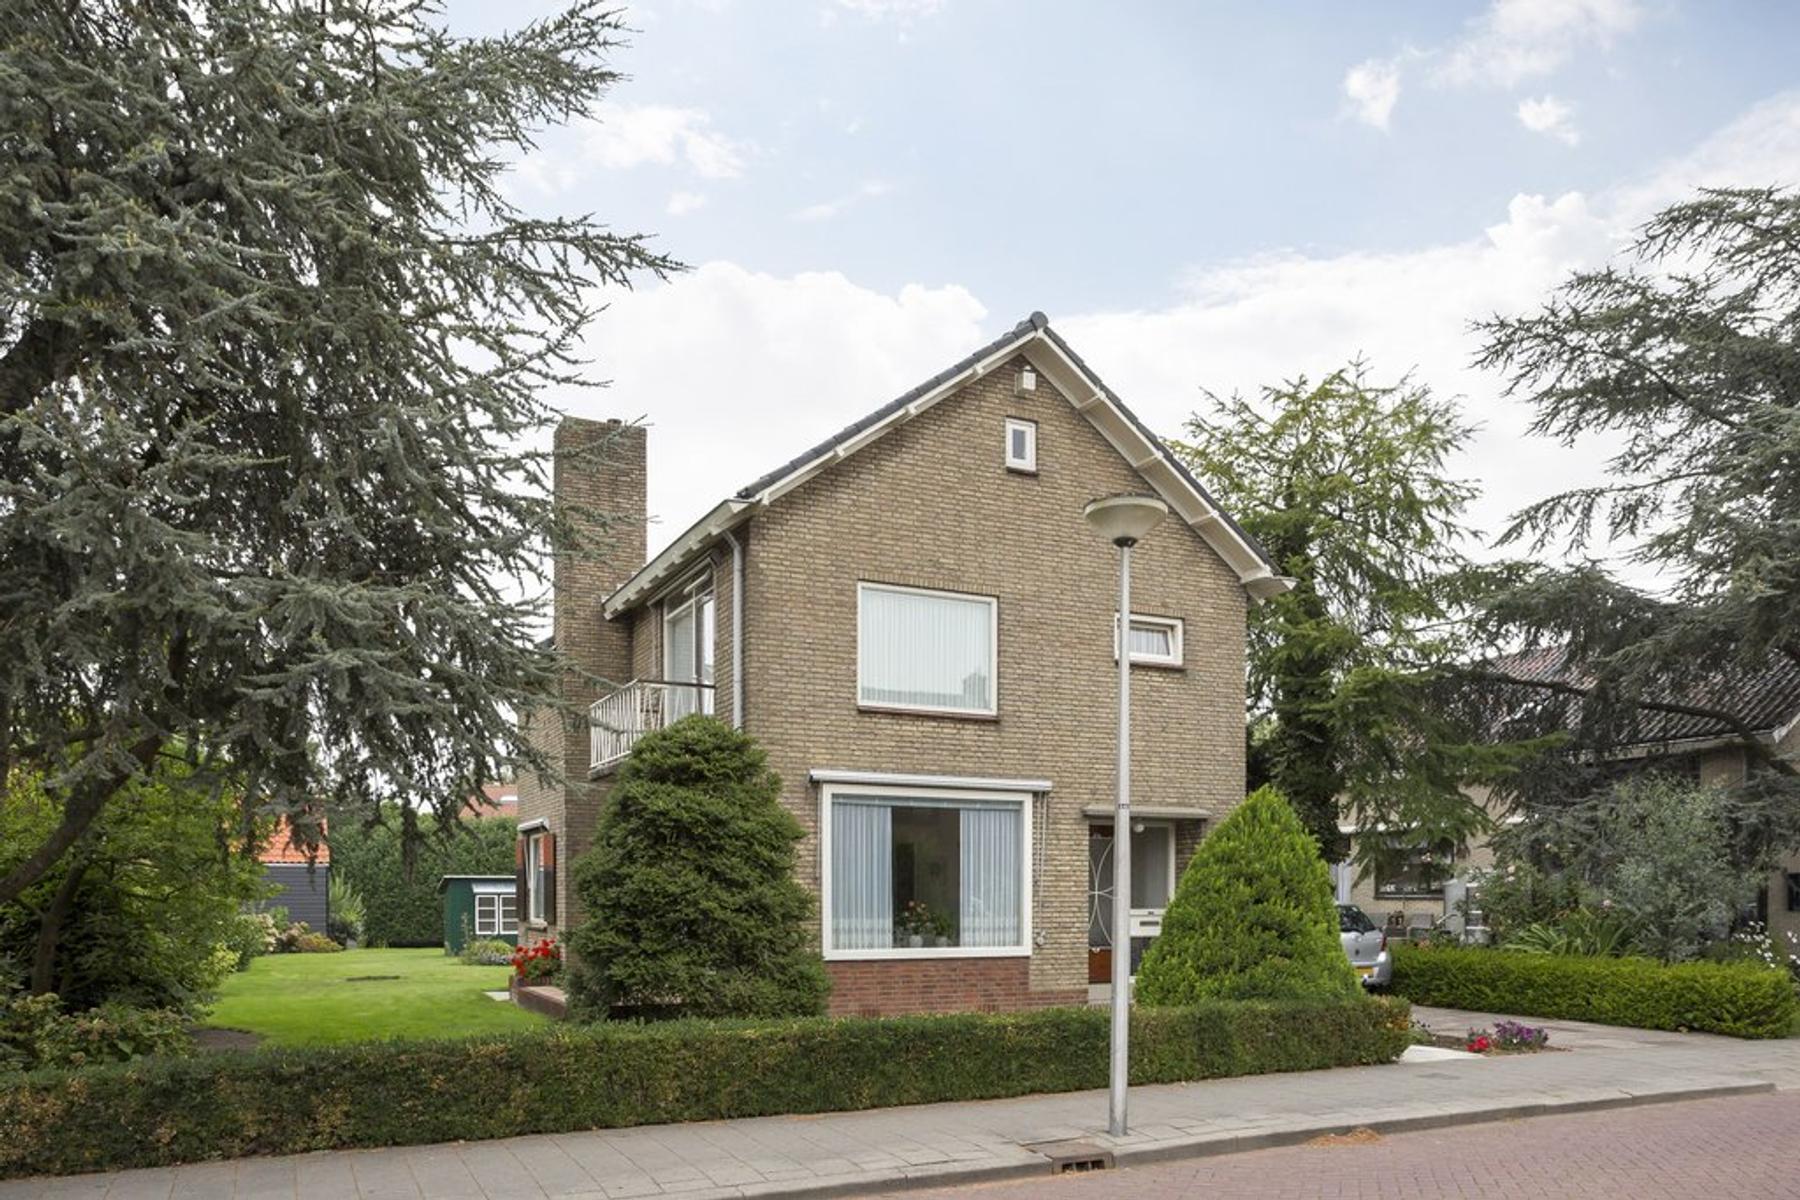 Rembrandtlaan 64 in Stolwijk 2821 VL